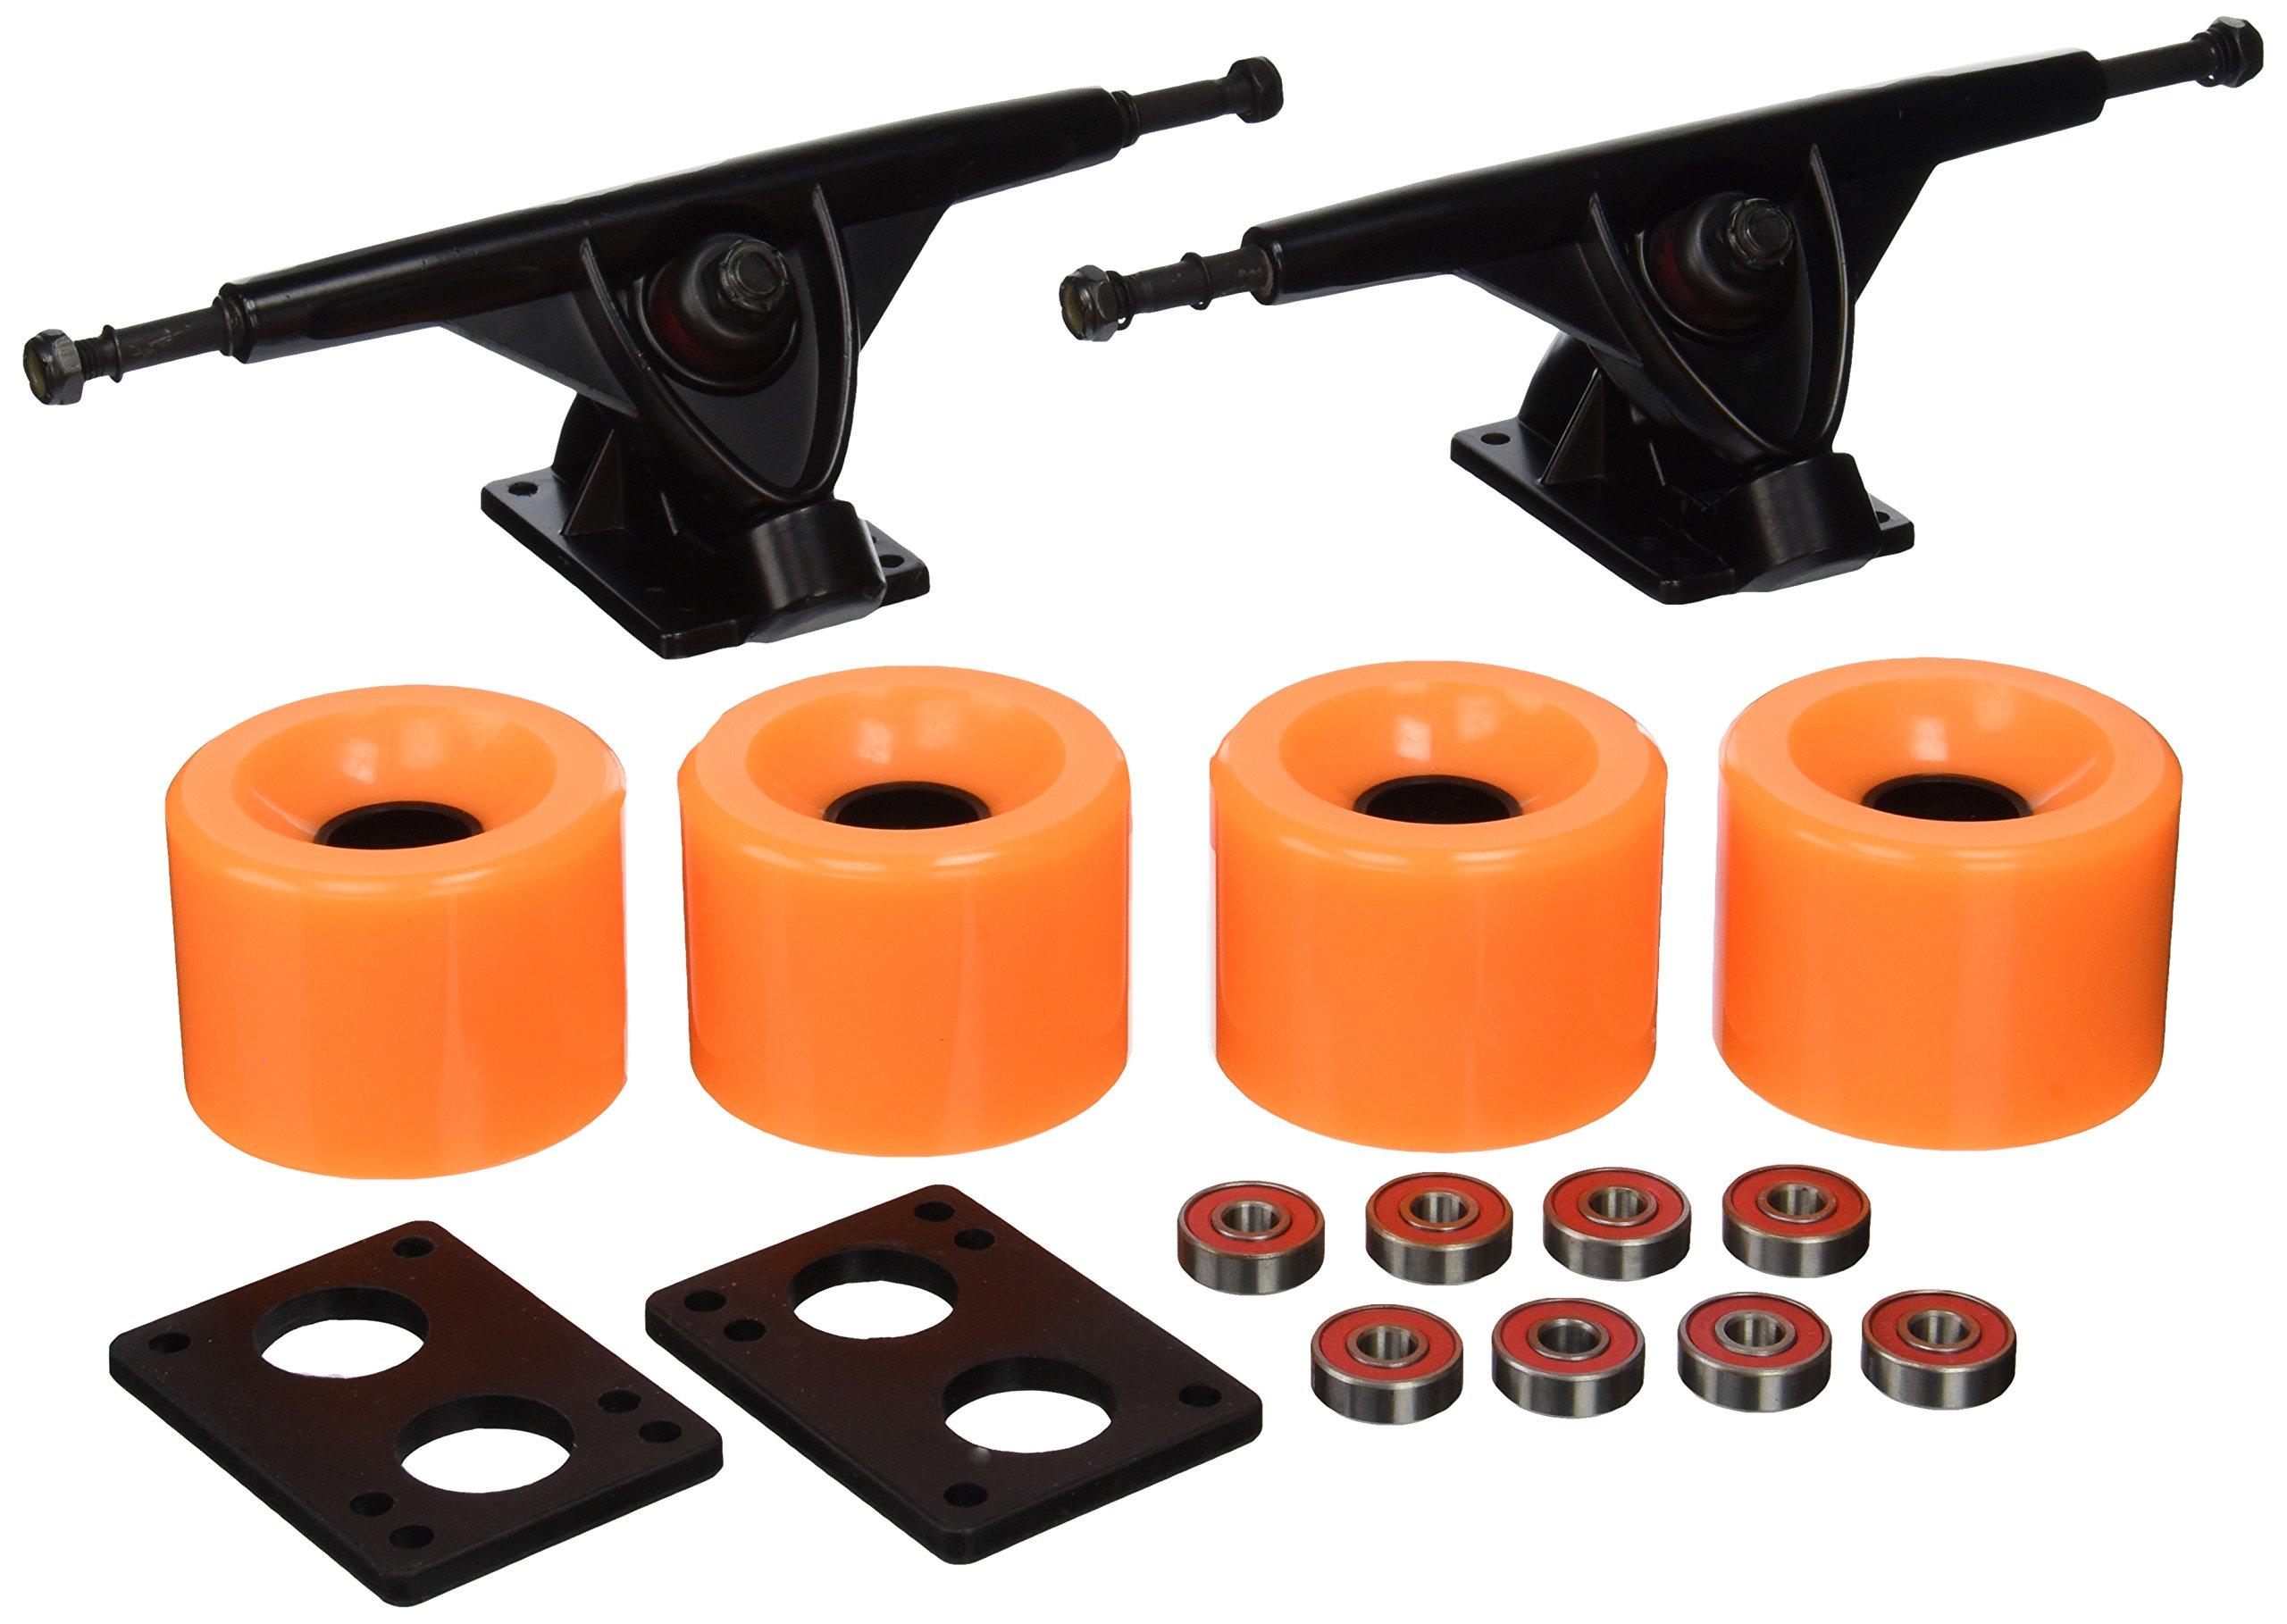 Longboard 180mm Trucks + 70mm Wheels + Bearings Combo (Solid Orange)